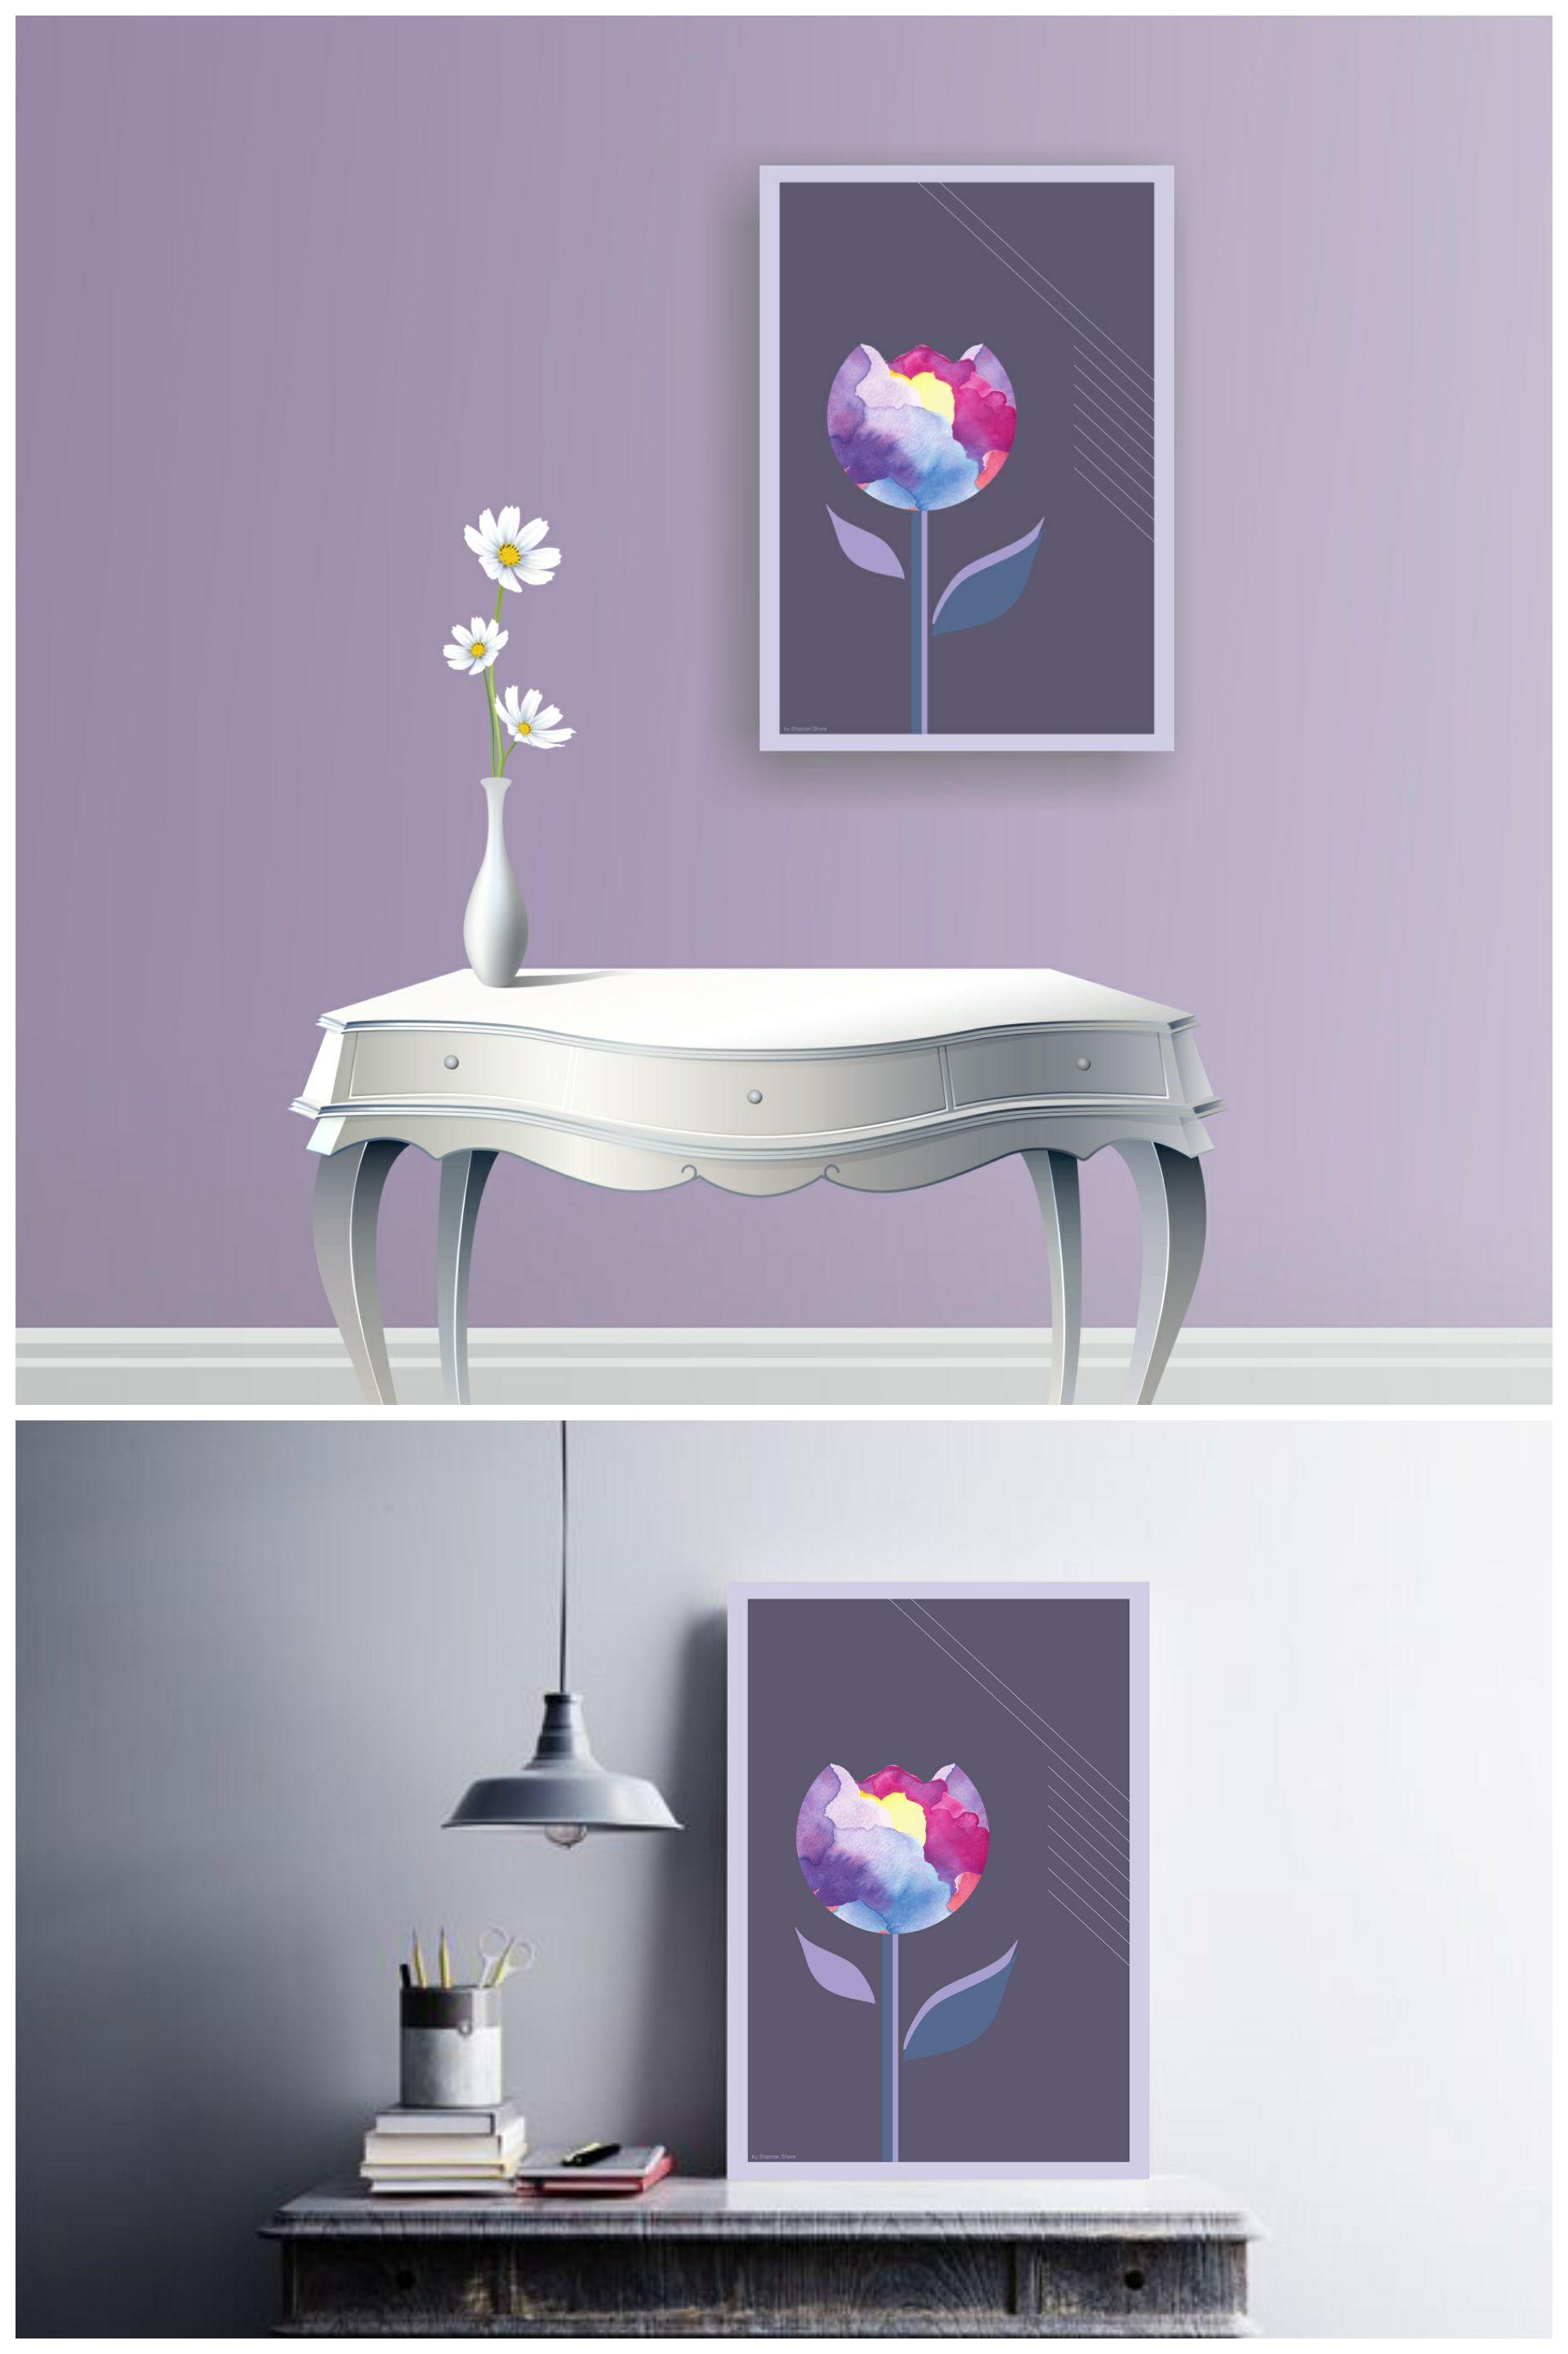 Wohnkultur design bilder livingroom wall décor flower art tulip blue modern wall art